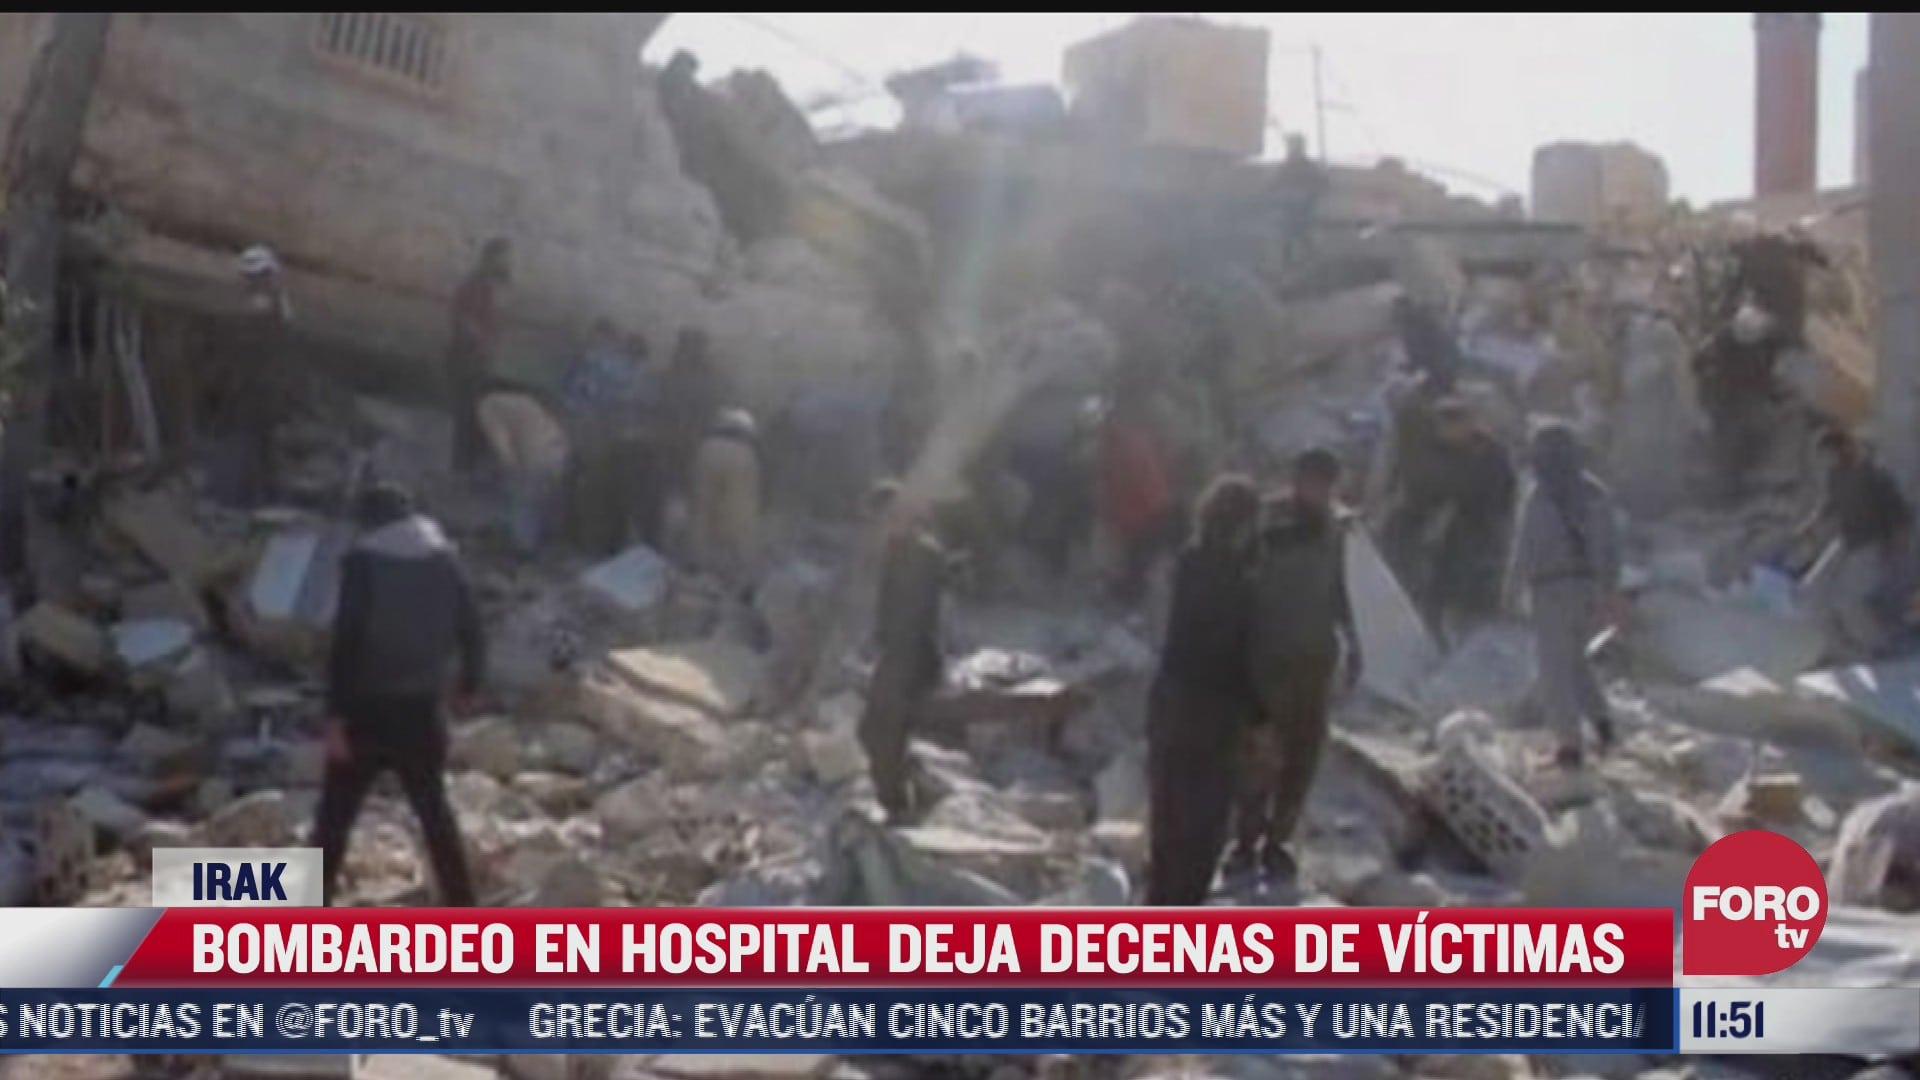 bombardeo en hospital deja decenas de victimas en irak